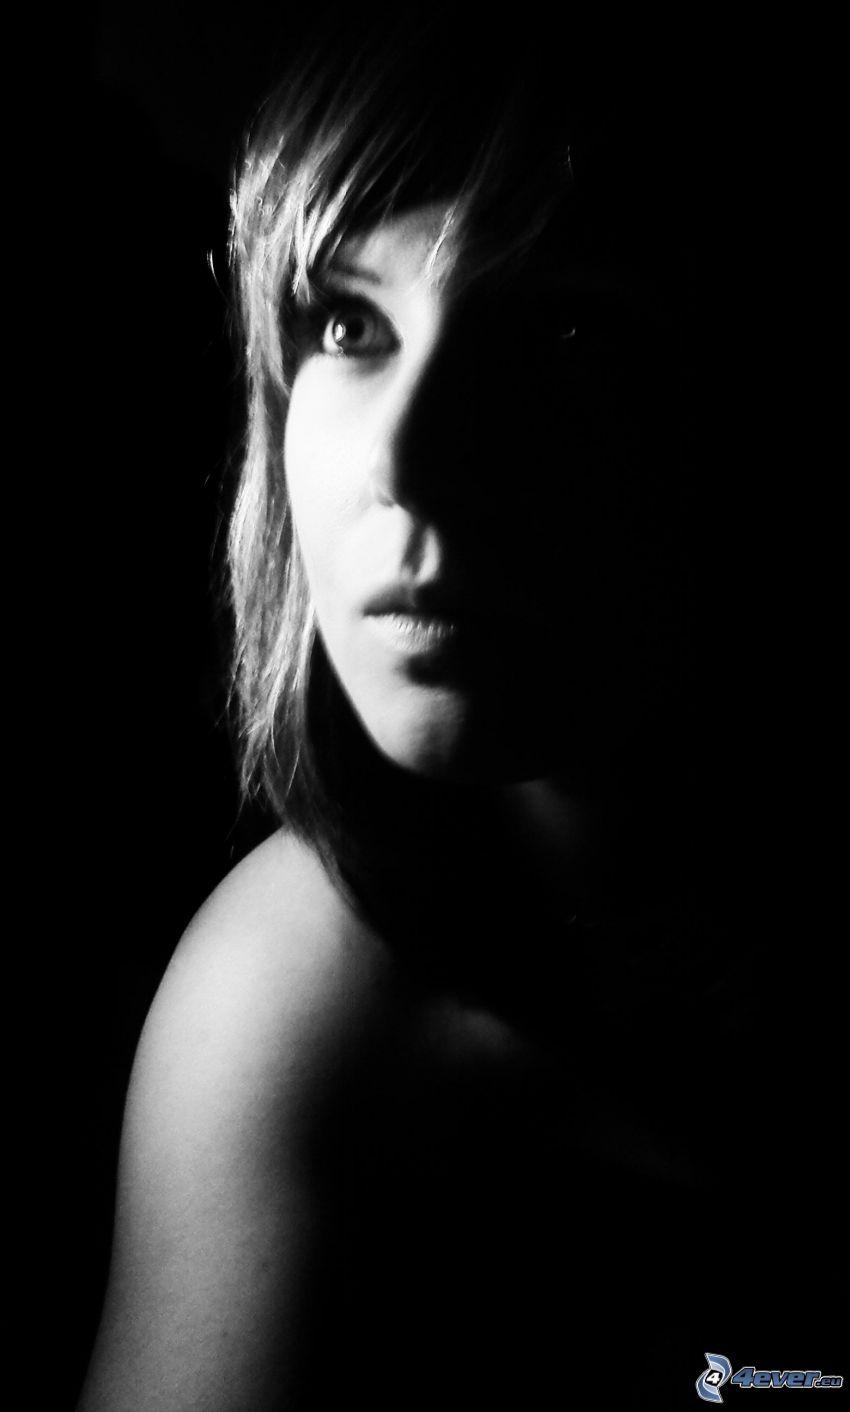 Mädchen im Dunkel, Gesicht, Dunkelheit